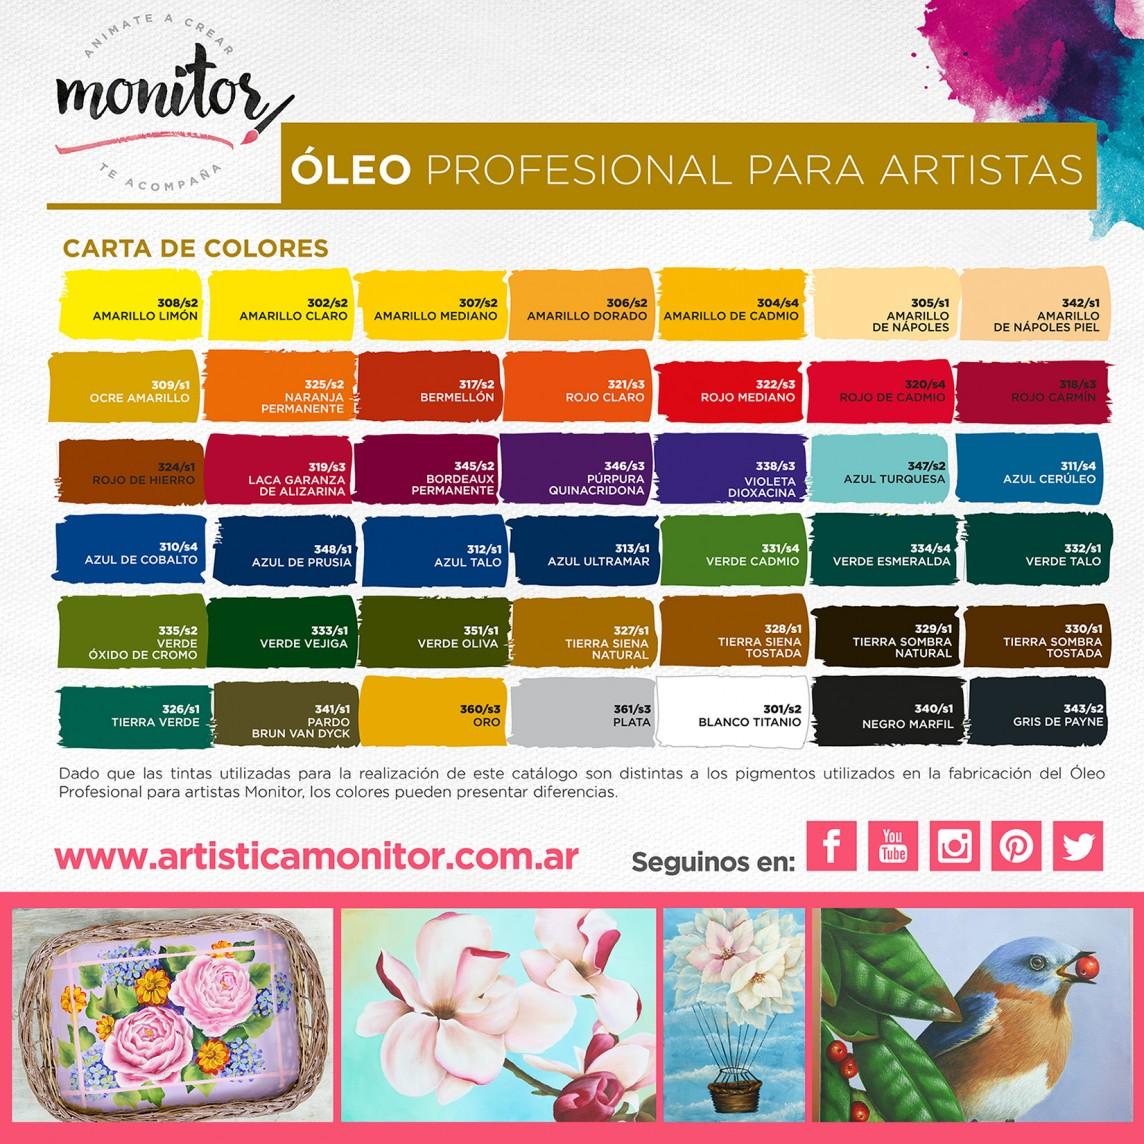 Carta de colores para Óleo Profesional para Artistas